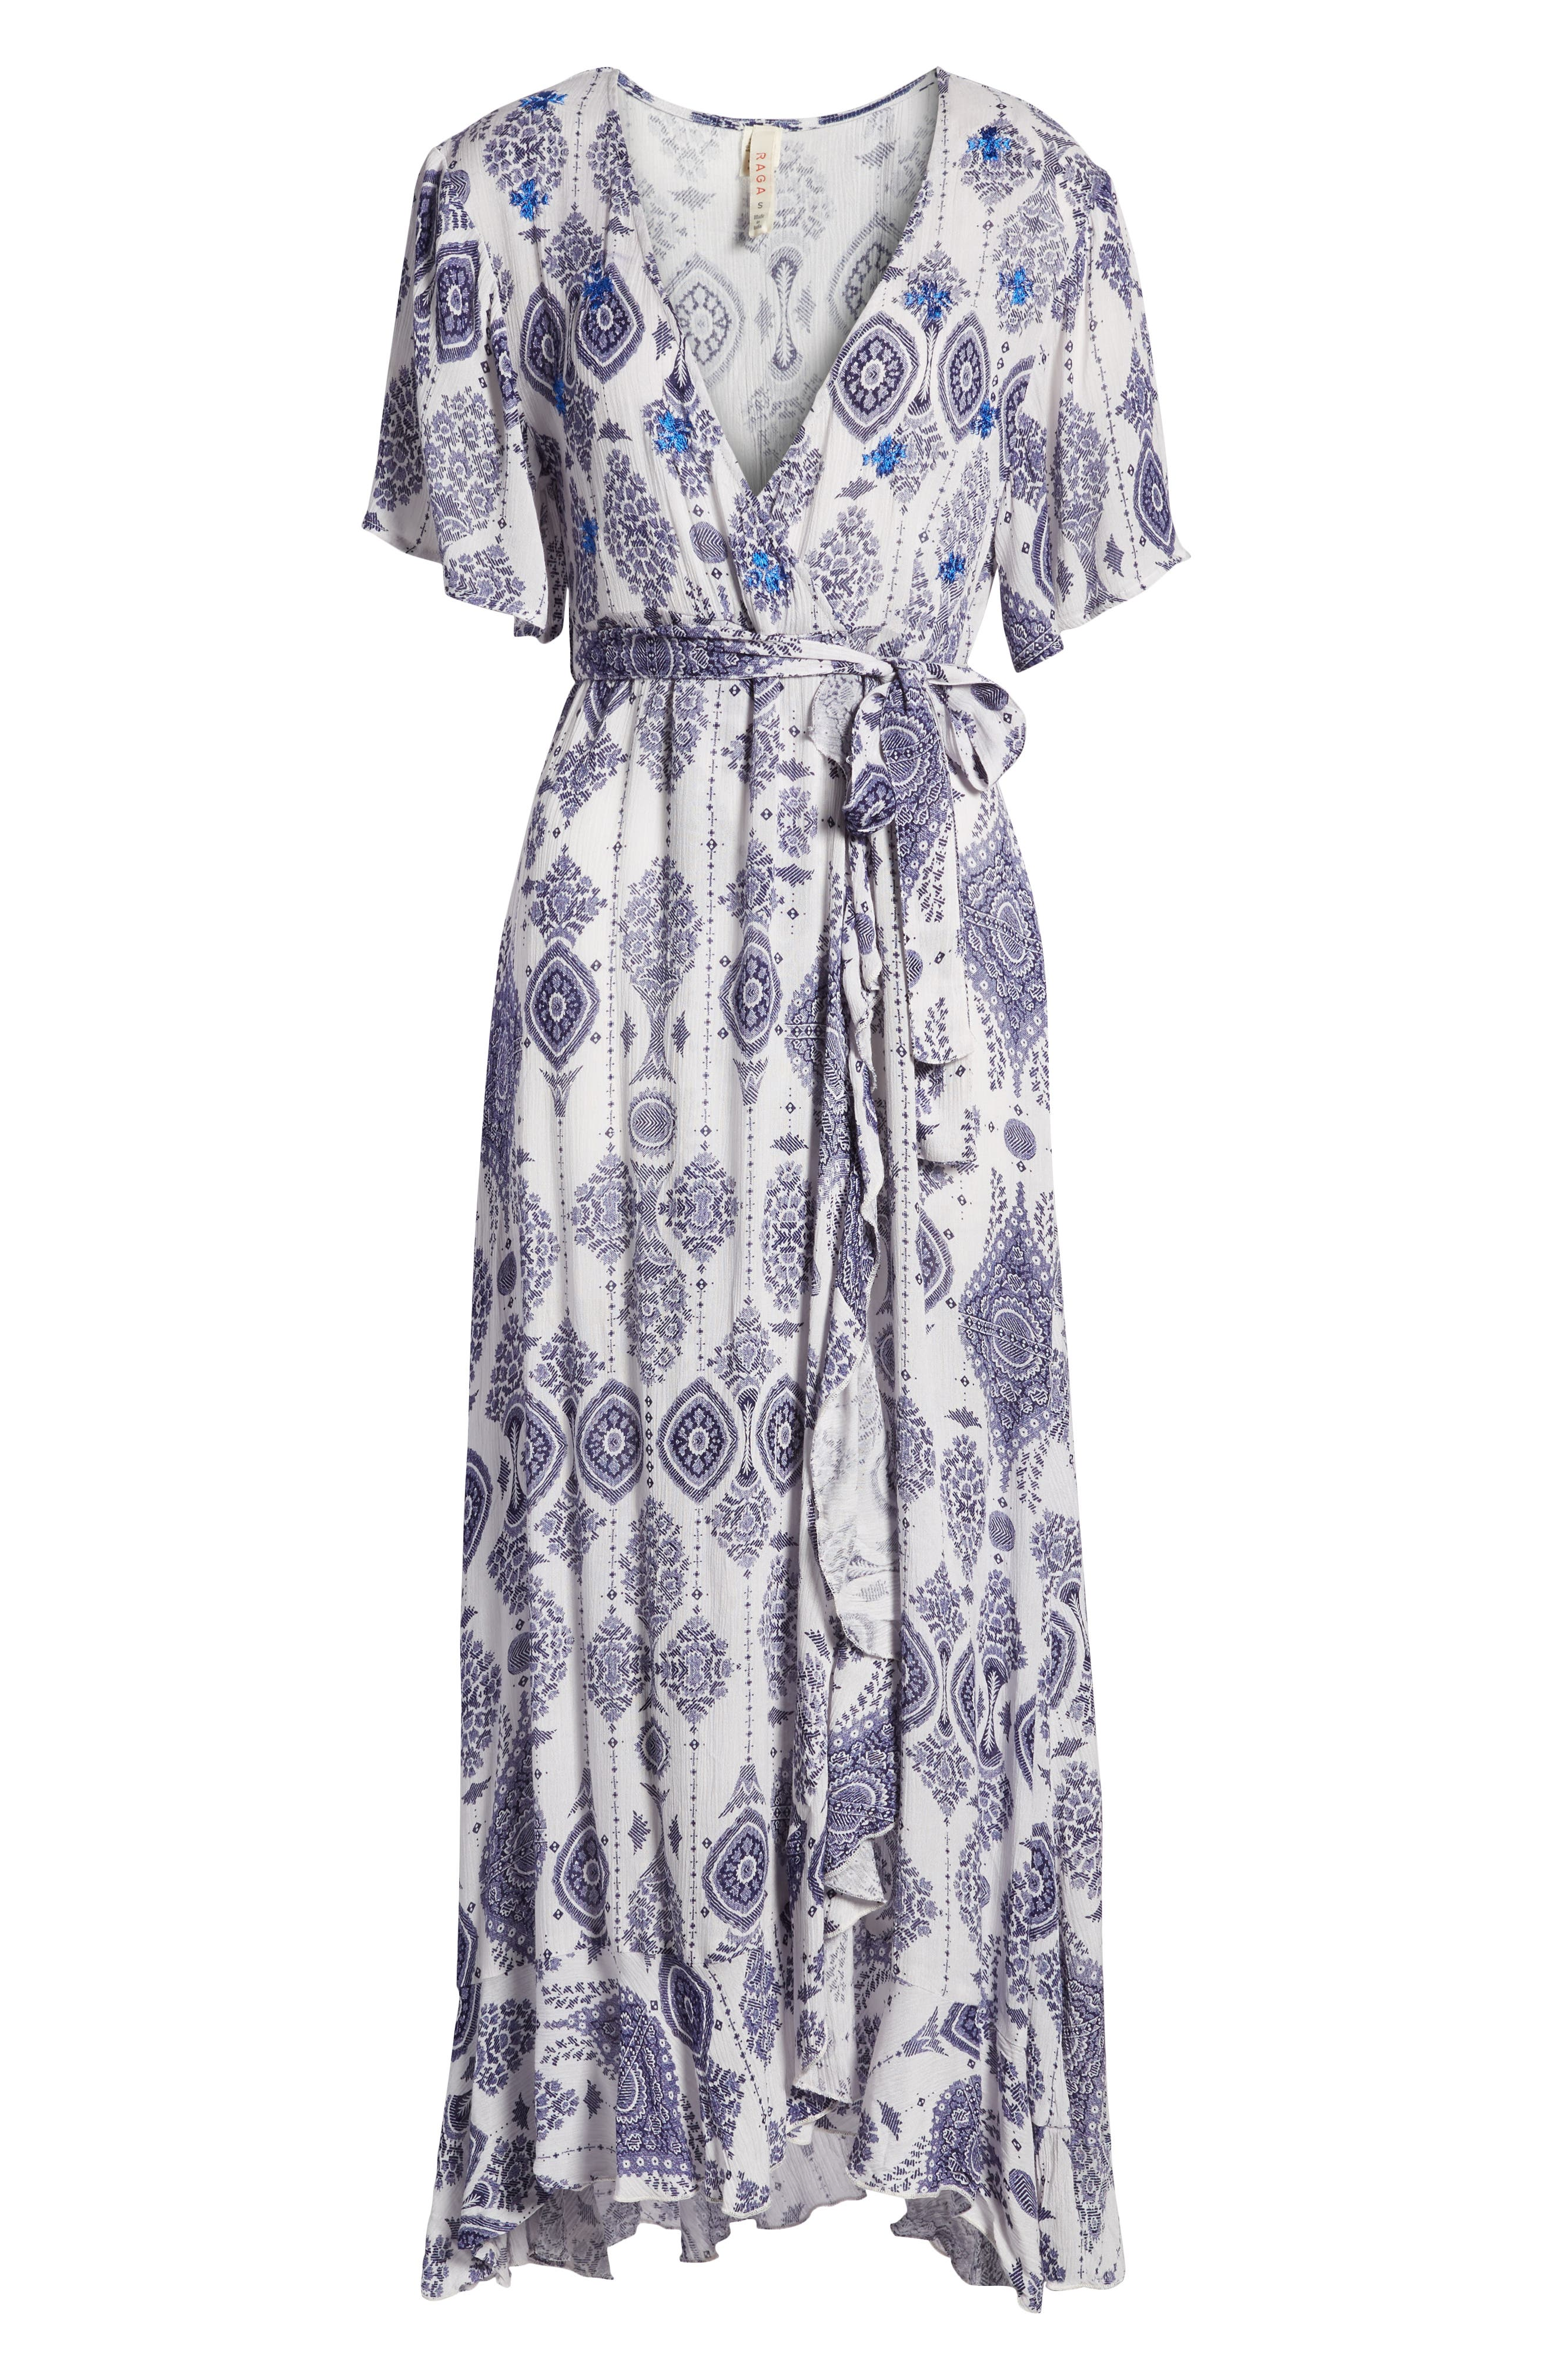 Andrea Maxi Dress,                             Alternate thumbnail 7, color,                             Blue/ White